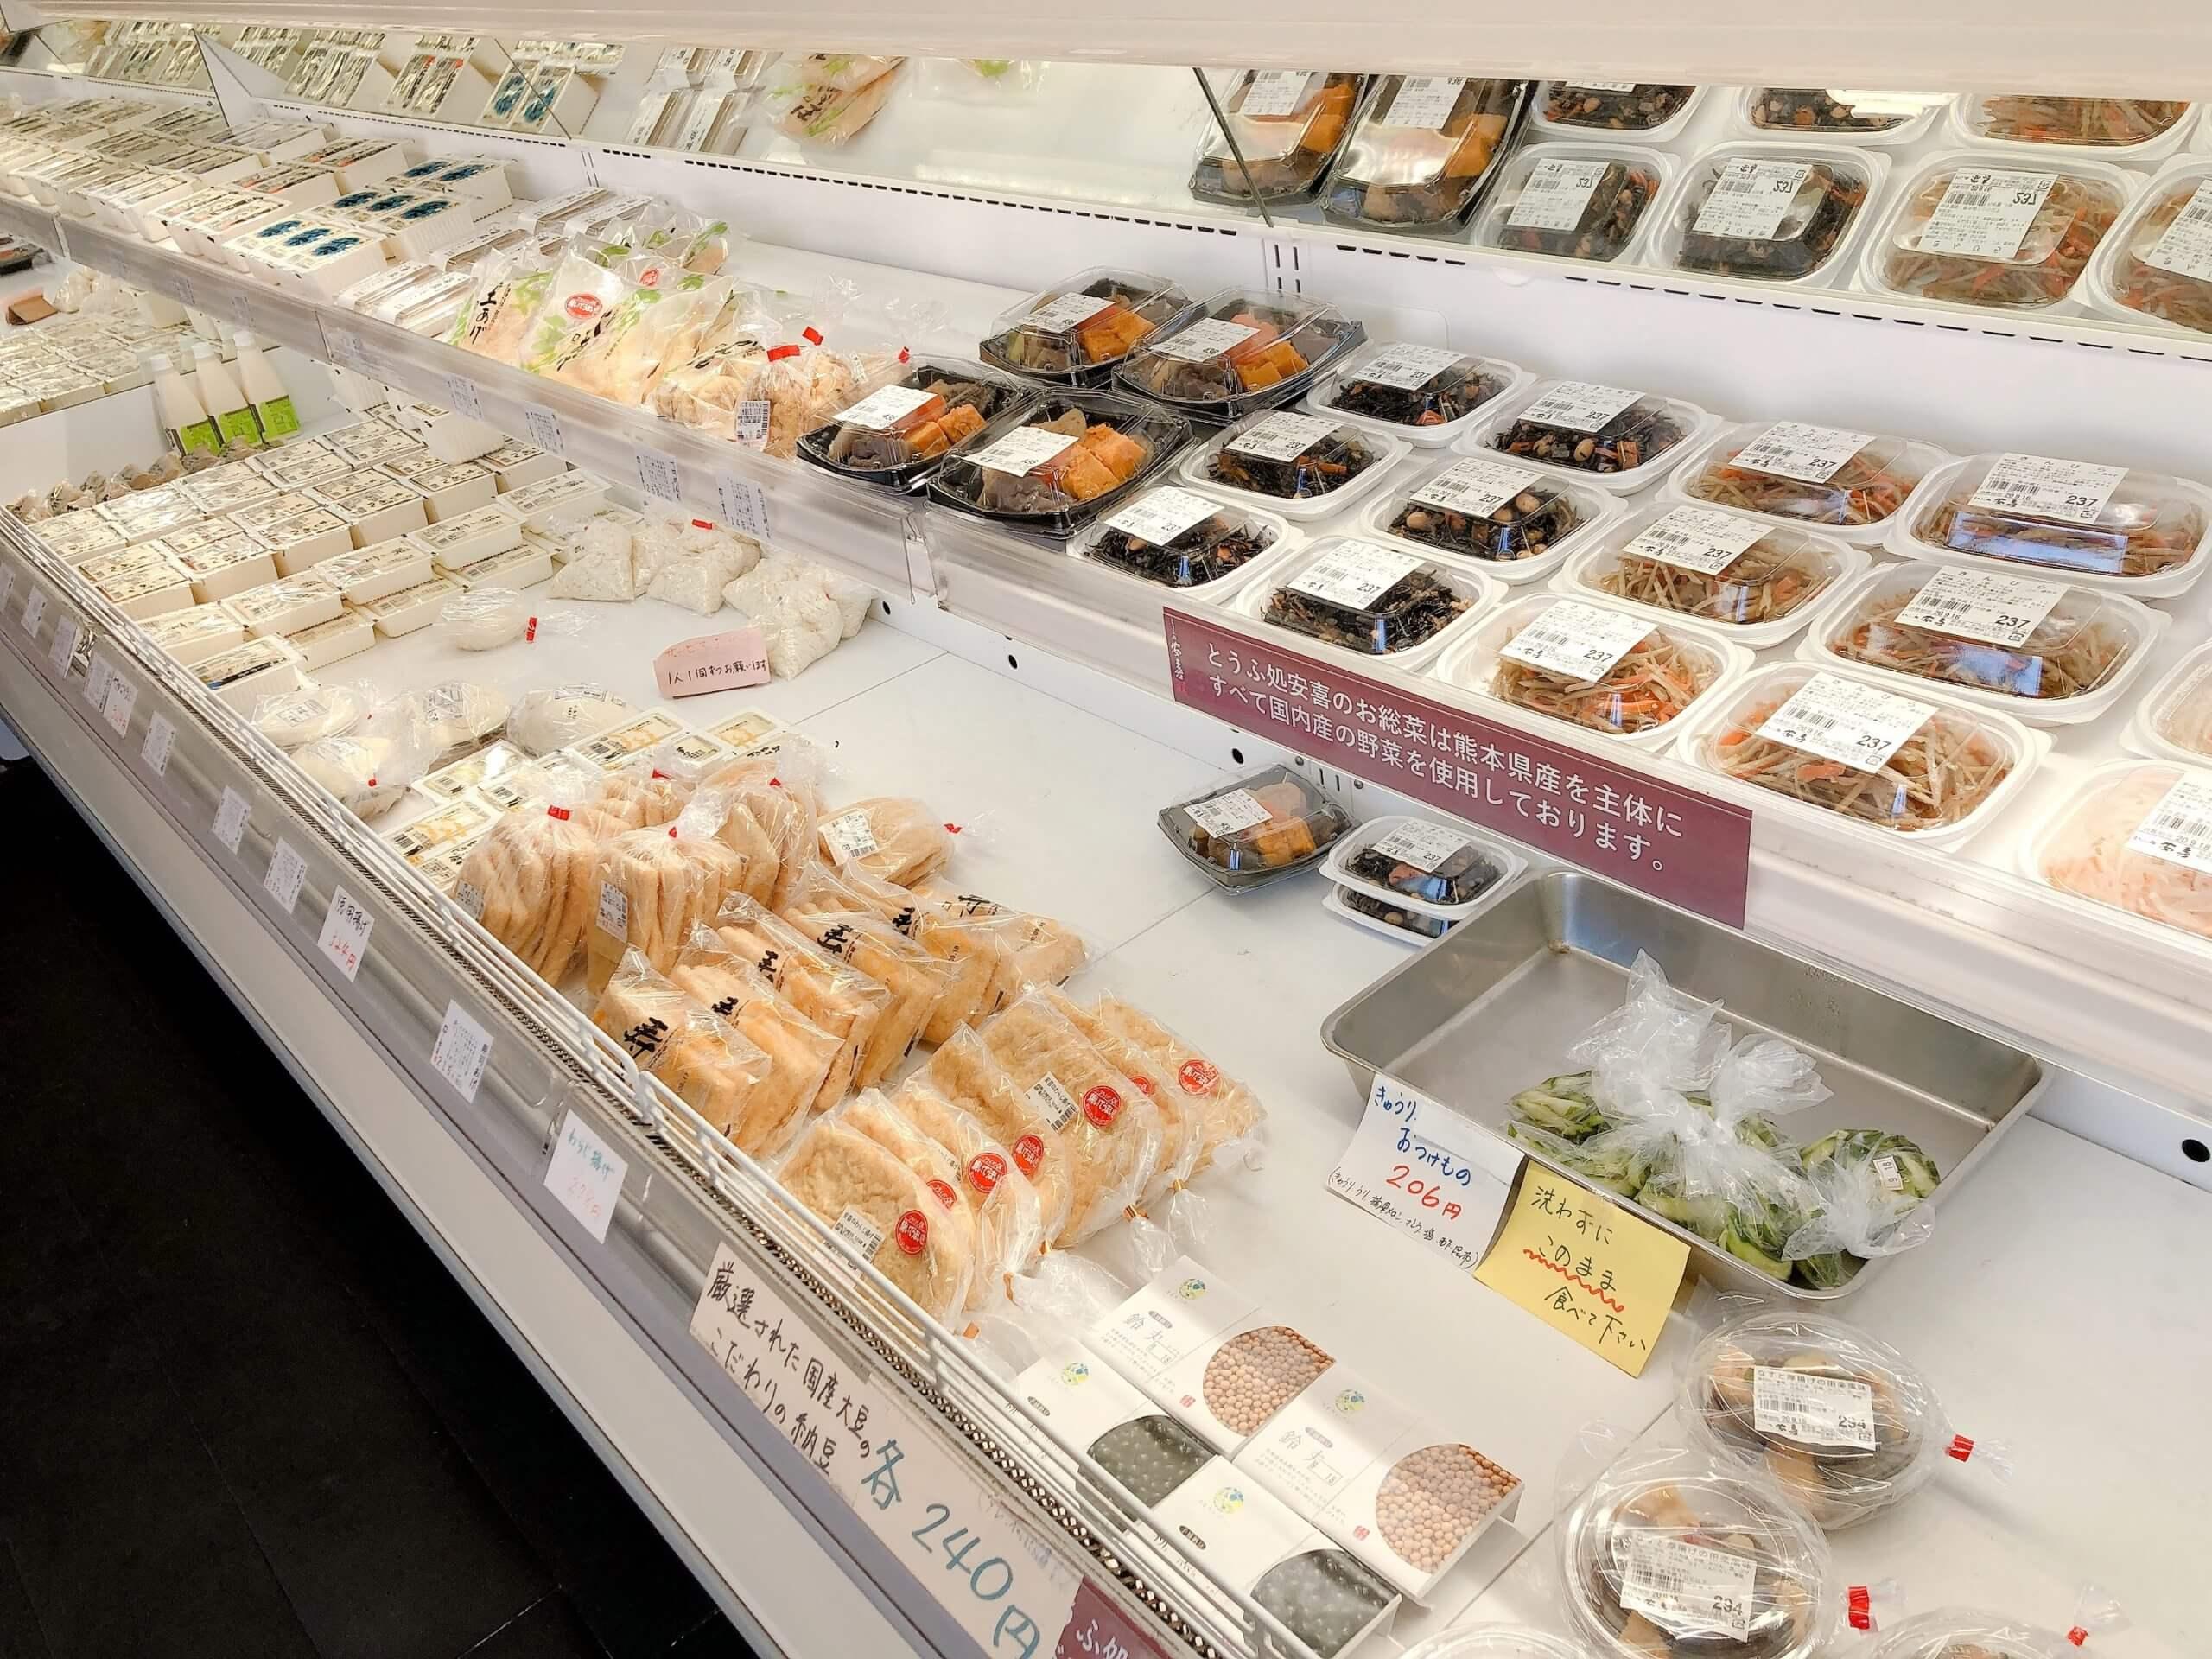 【とうふ処 安喜東野店】豆腐から野菜からお惣菜まで!!なんでも揃う豆腐屋さん《熊本市東区東野》